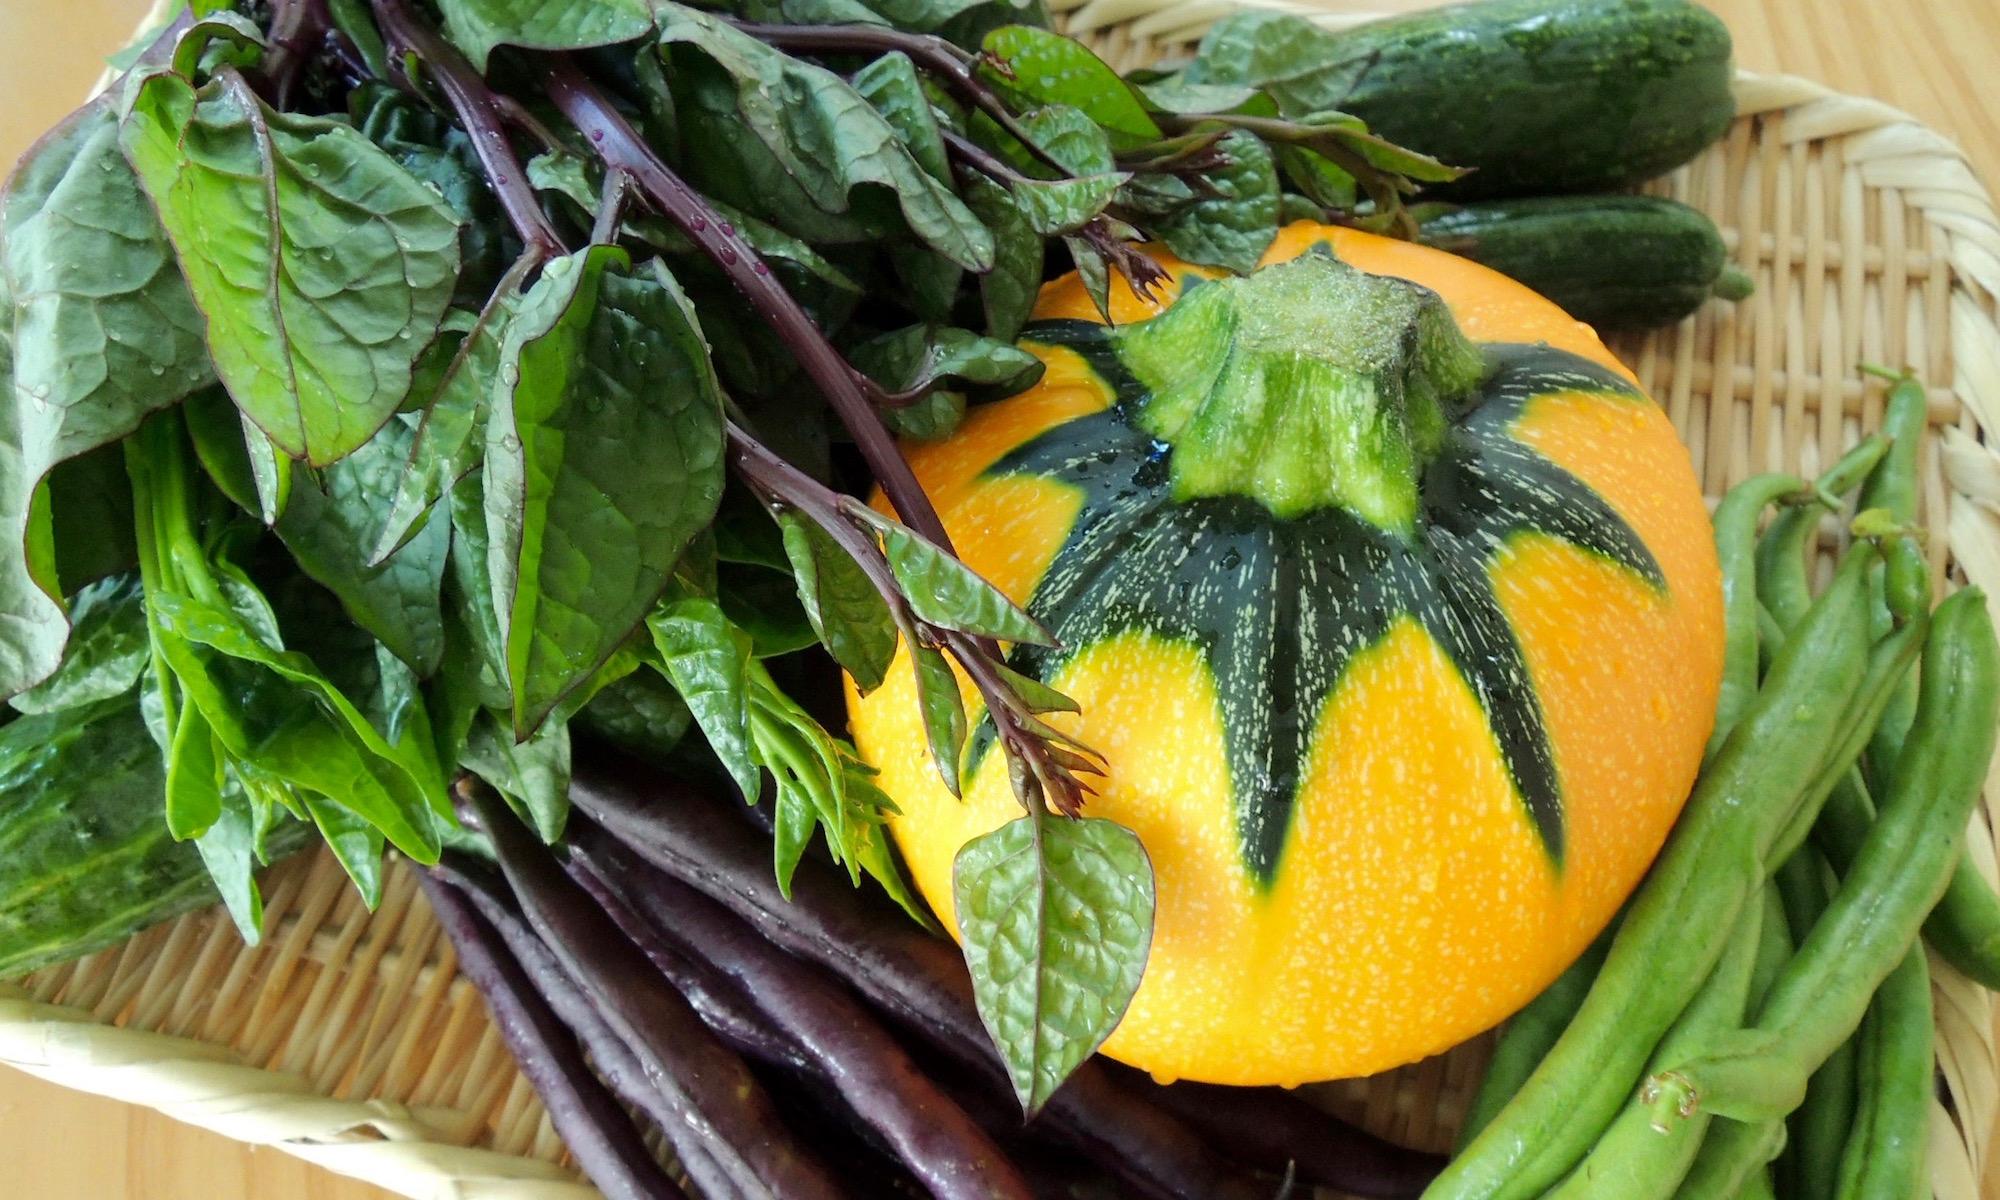 木村さん 自然農 野菜